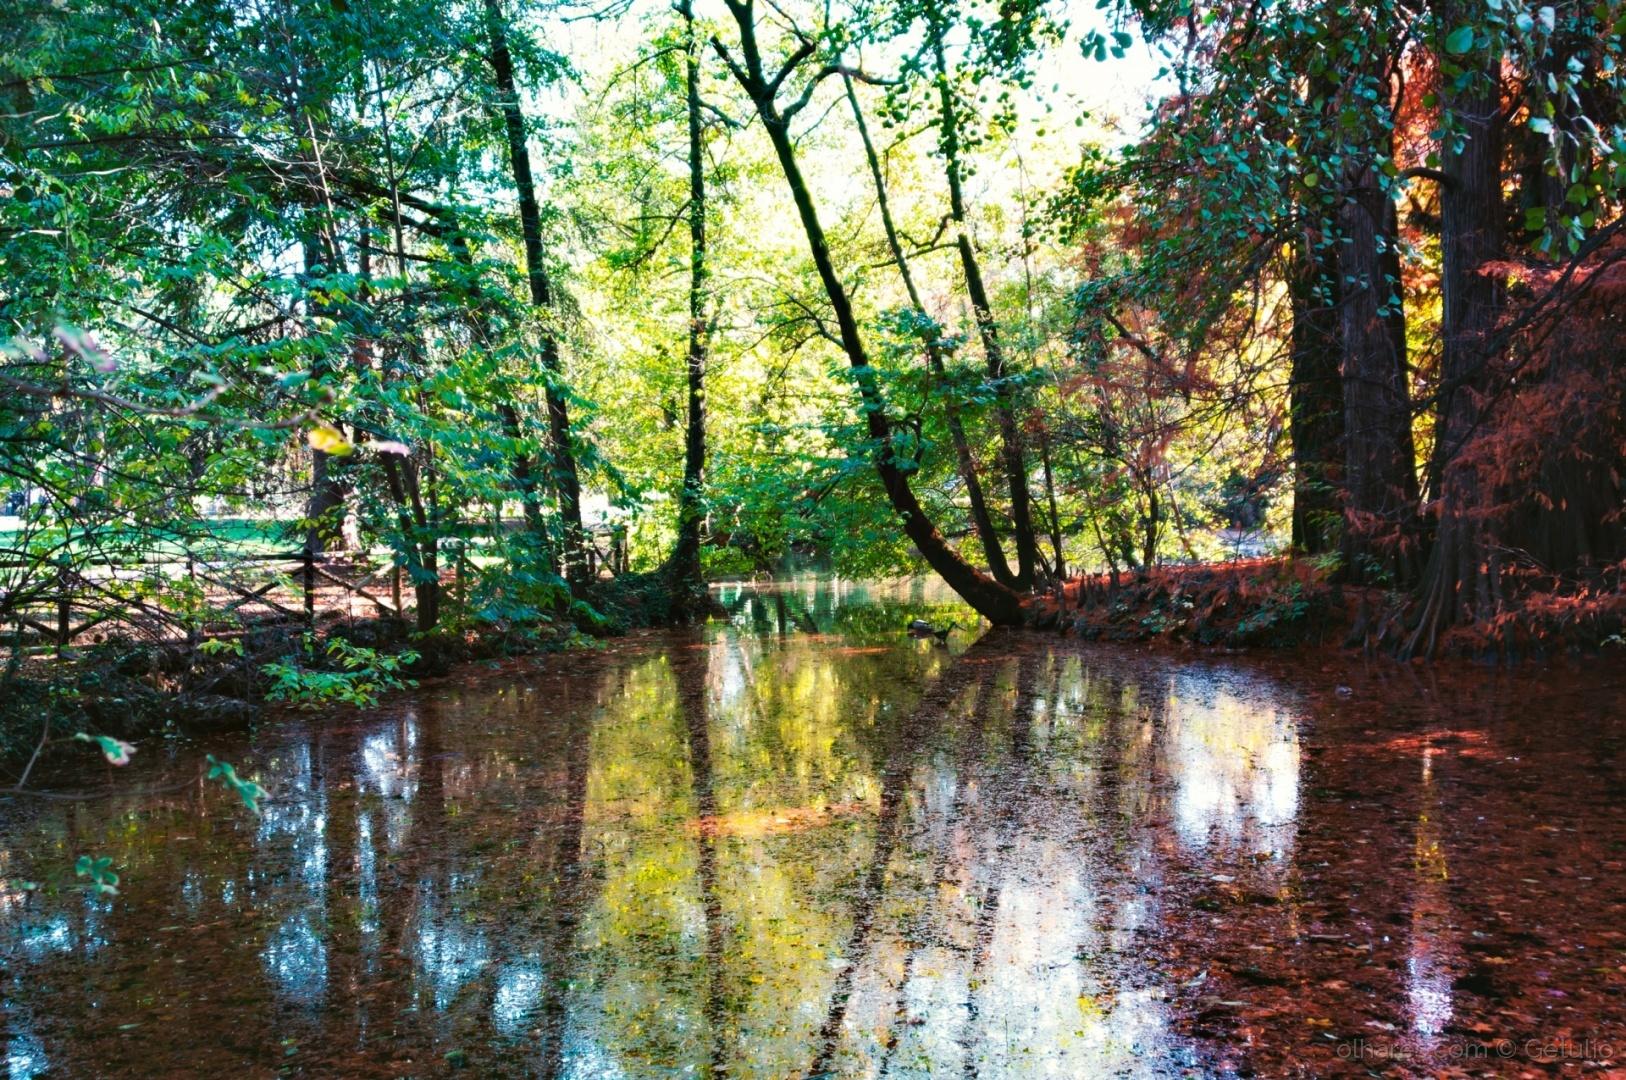 Paisagem Urbana/ Giardini Pubblici Indro Montanelli